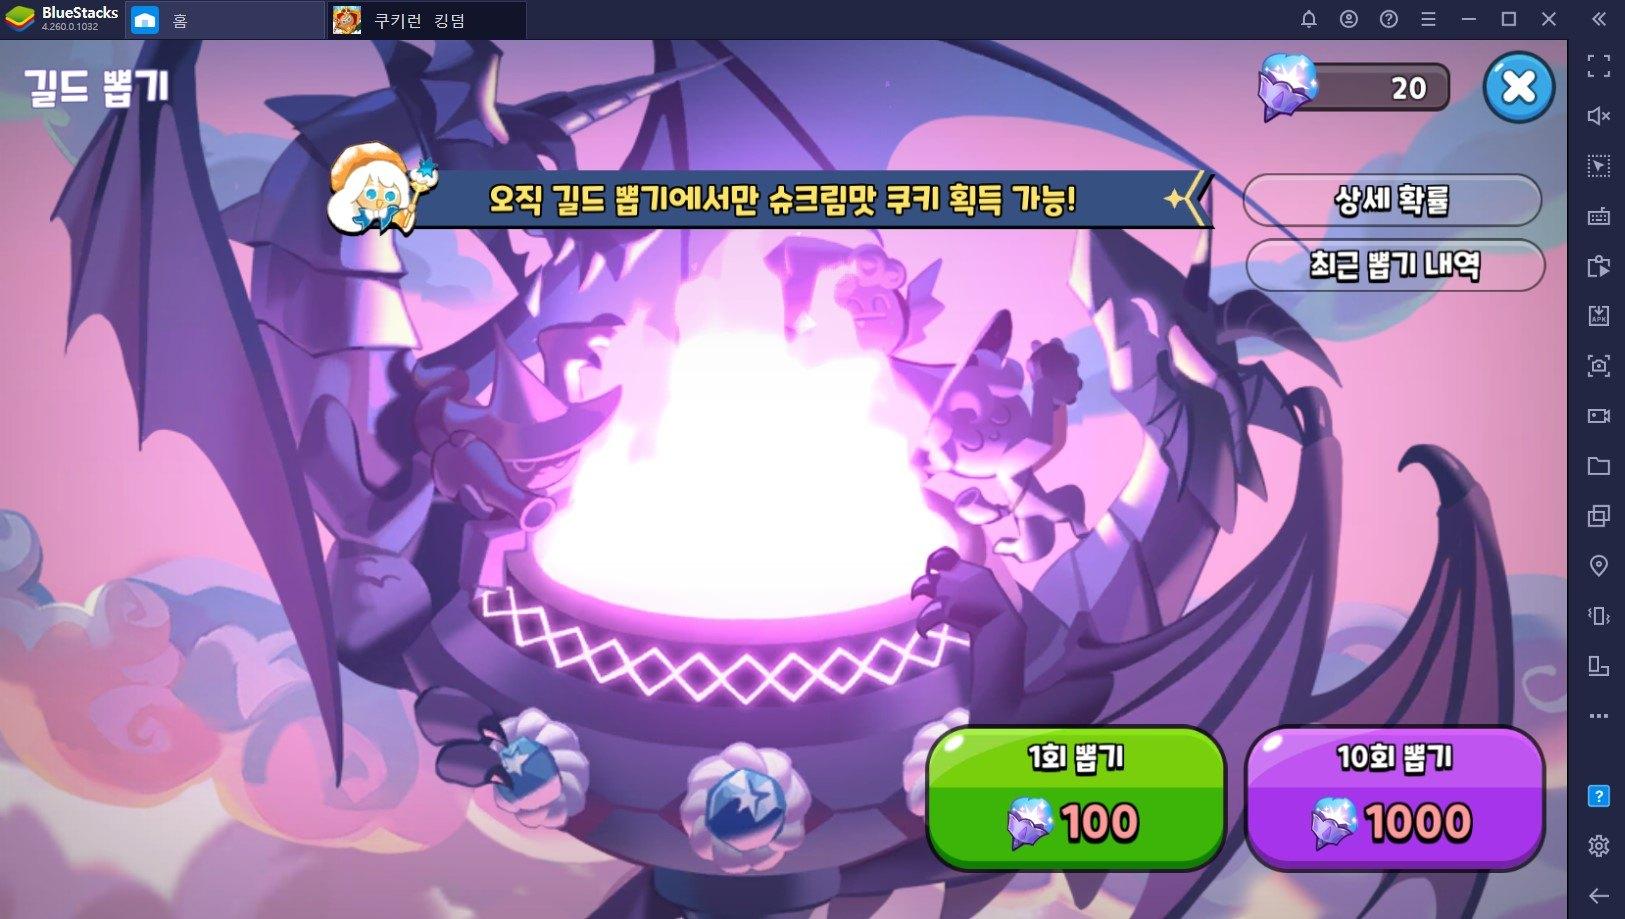 쿠키런: 킹덤 새로운 소셜 컨텐츠 길드 등장, 길드와 함께 쿠키들의 모험을 PC에서 즐겨봐요!